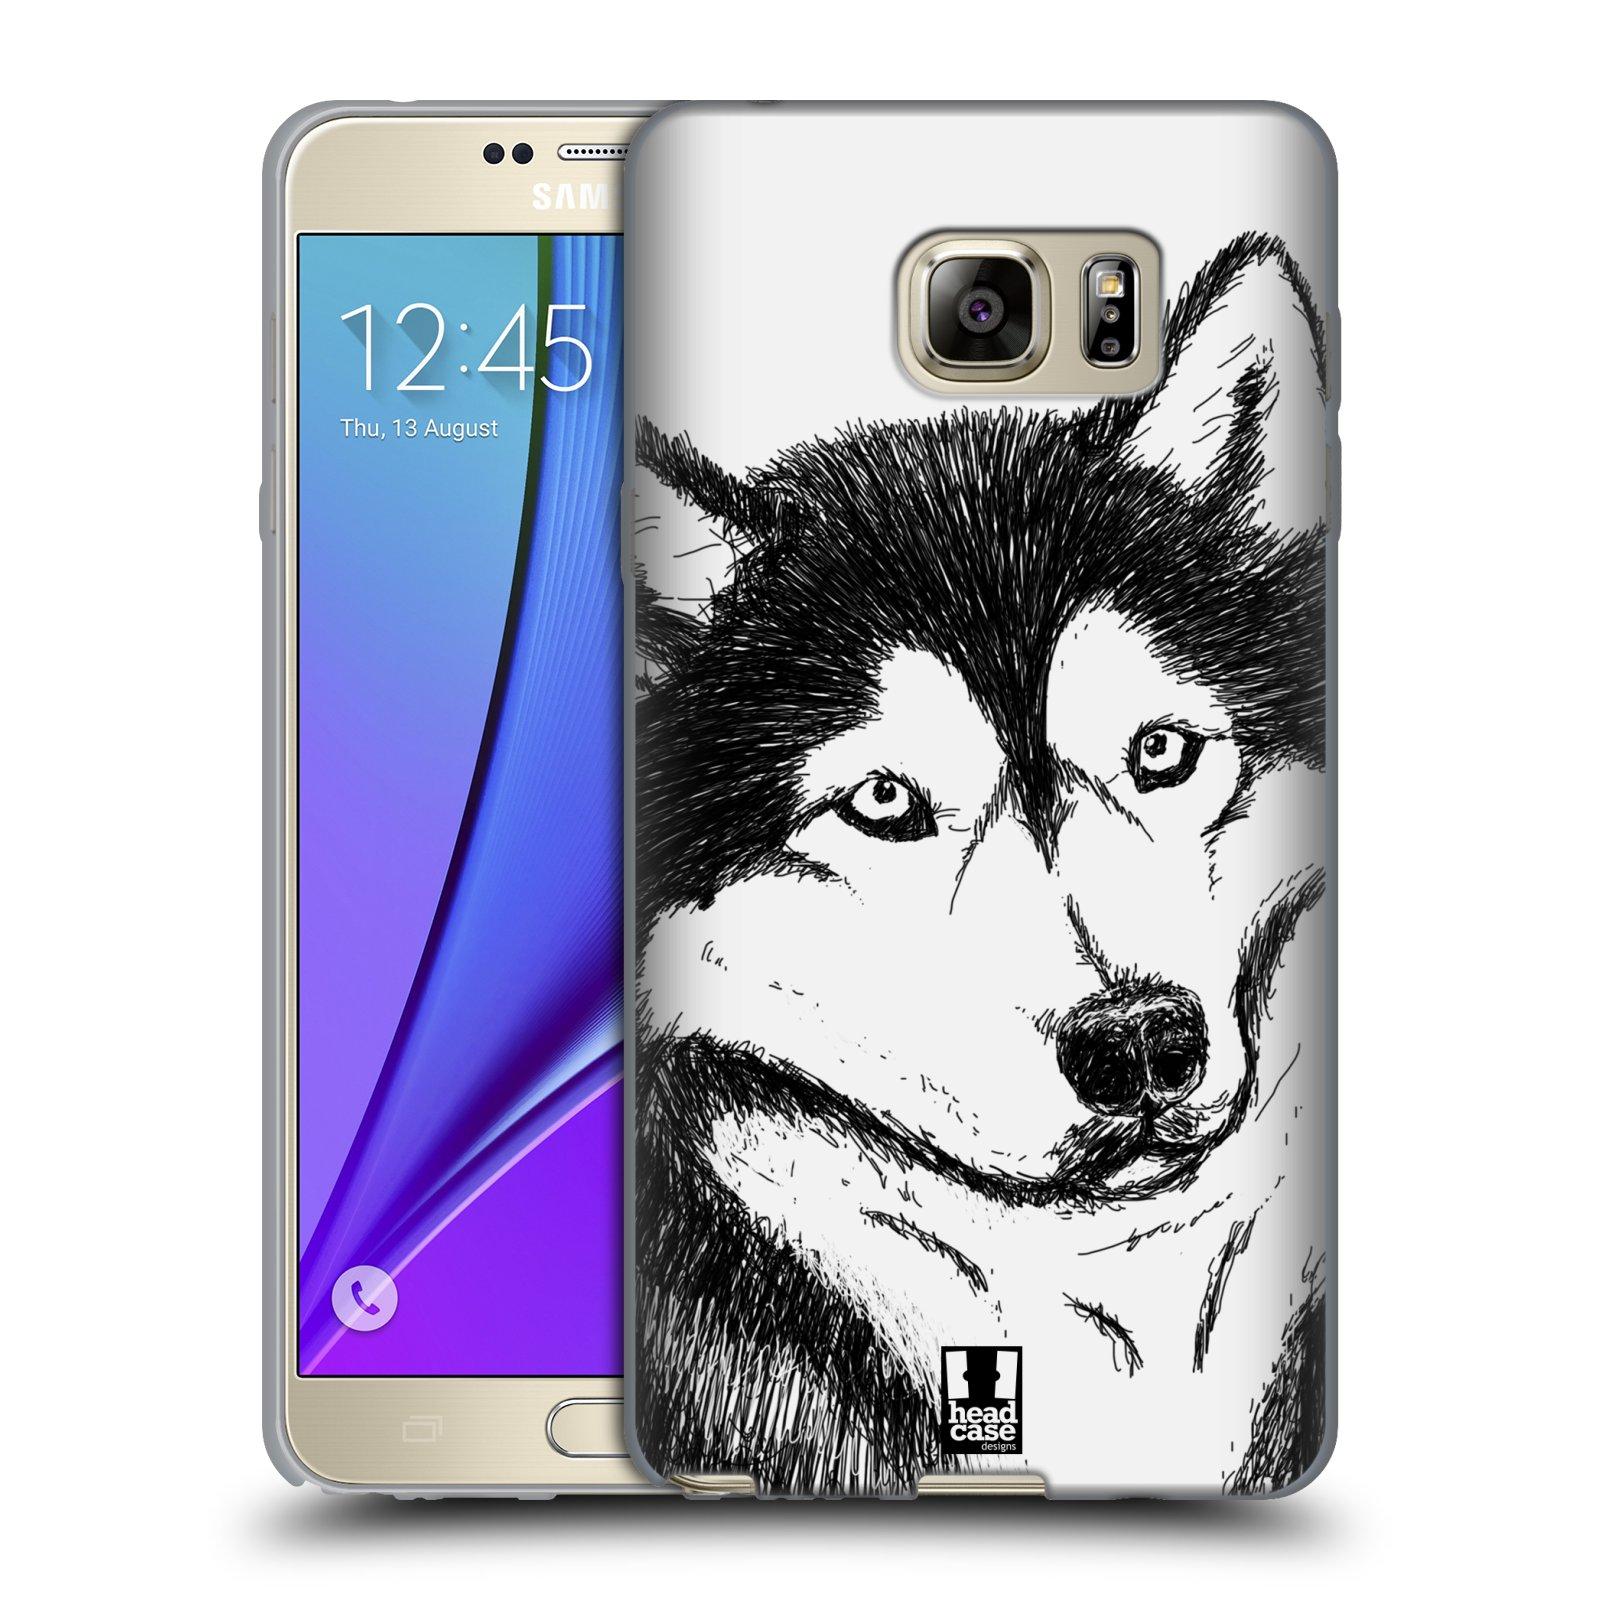 HEAD CASE silikonový obal na mobil Samsung Galaxy Note 5 (N920) vzor Kreslená zvířátka černá a bílá pes husky